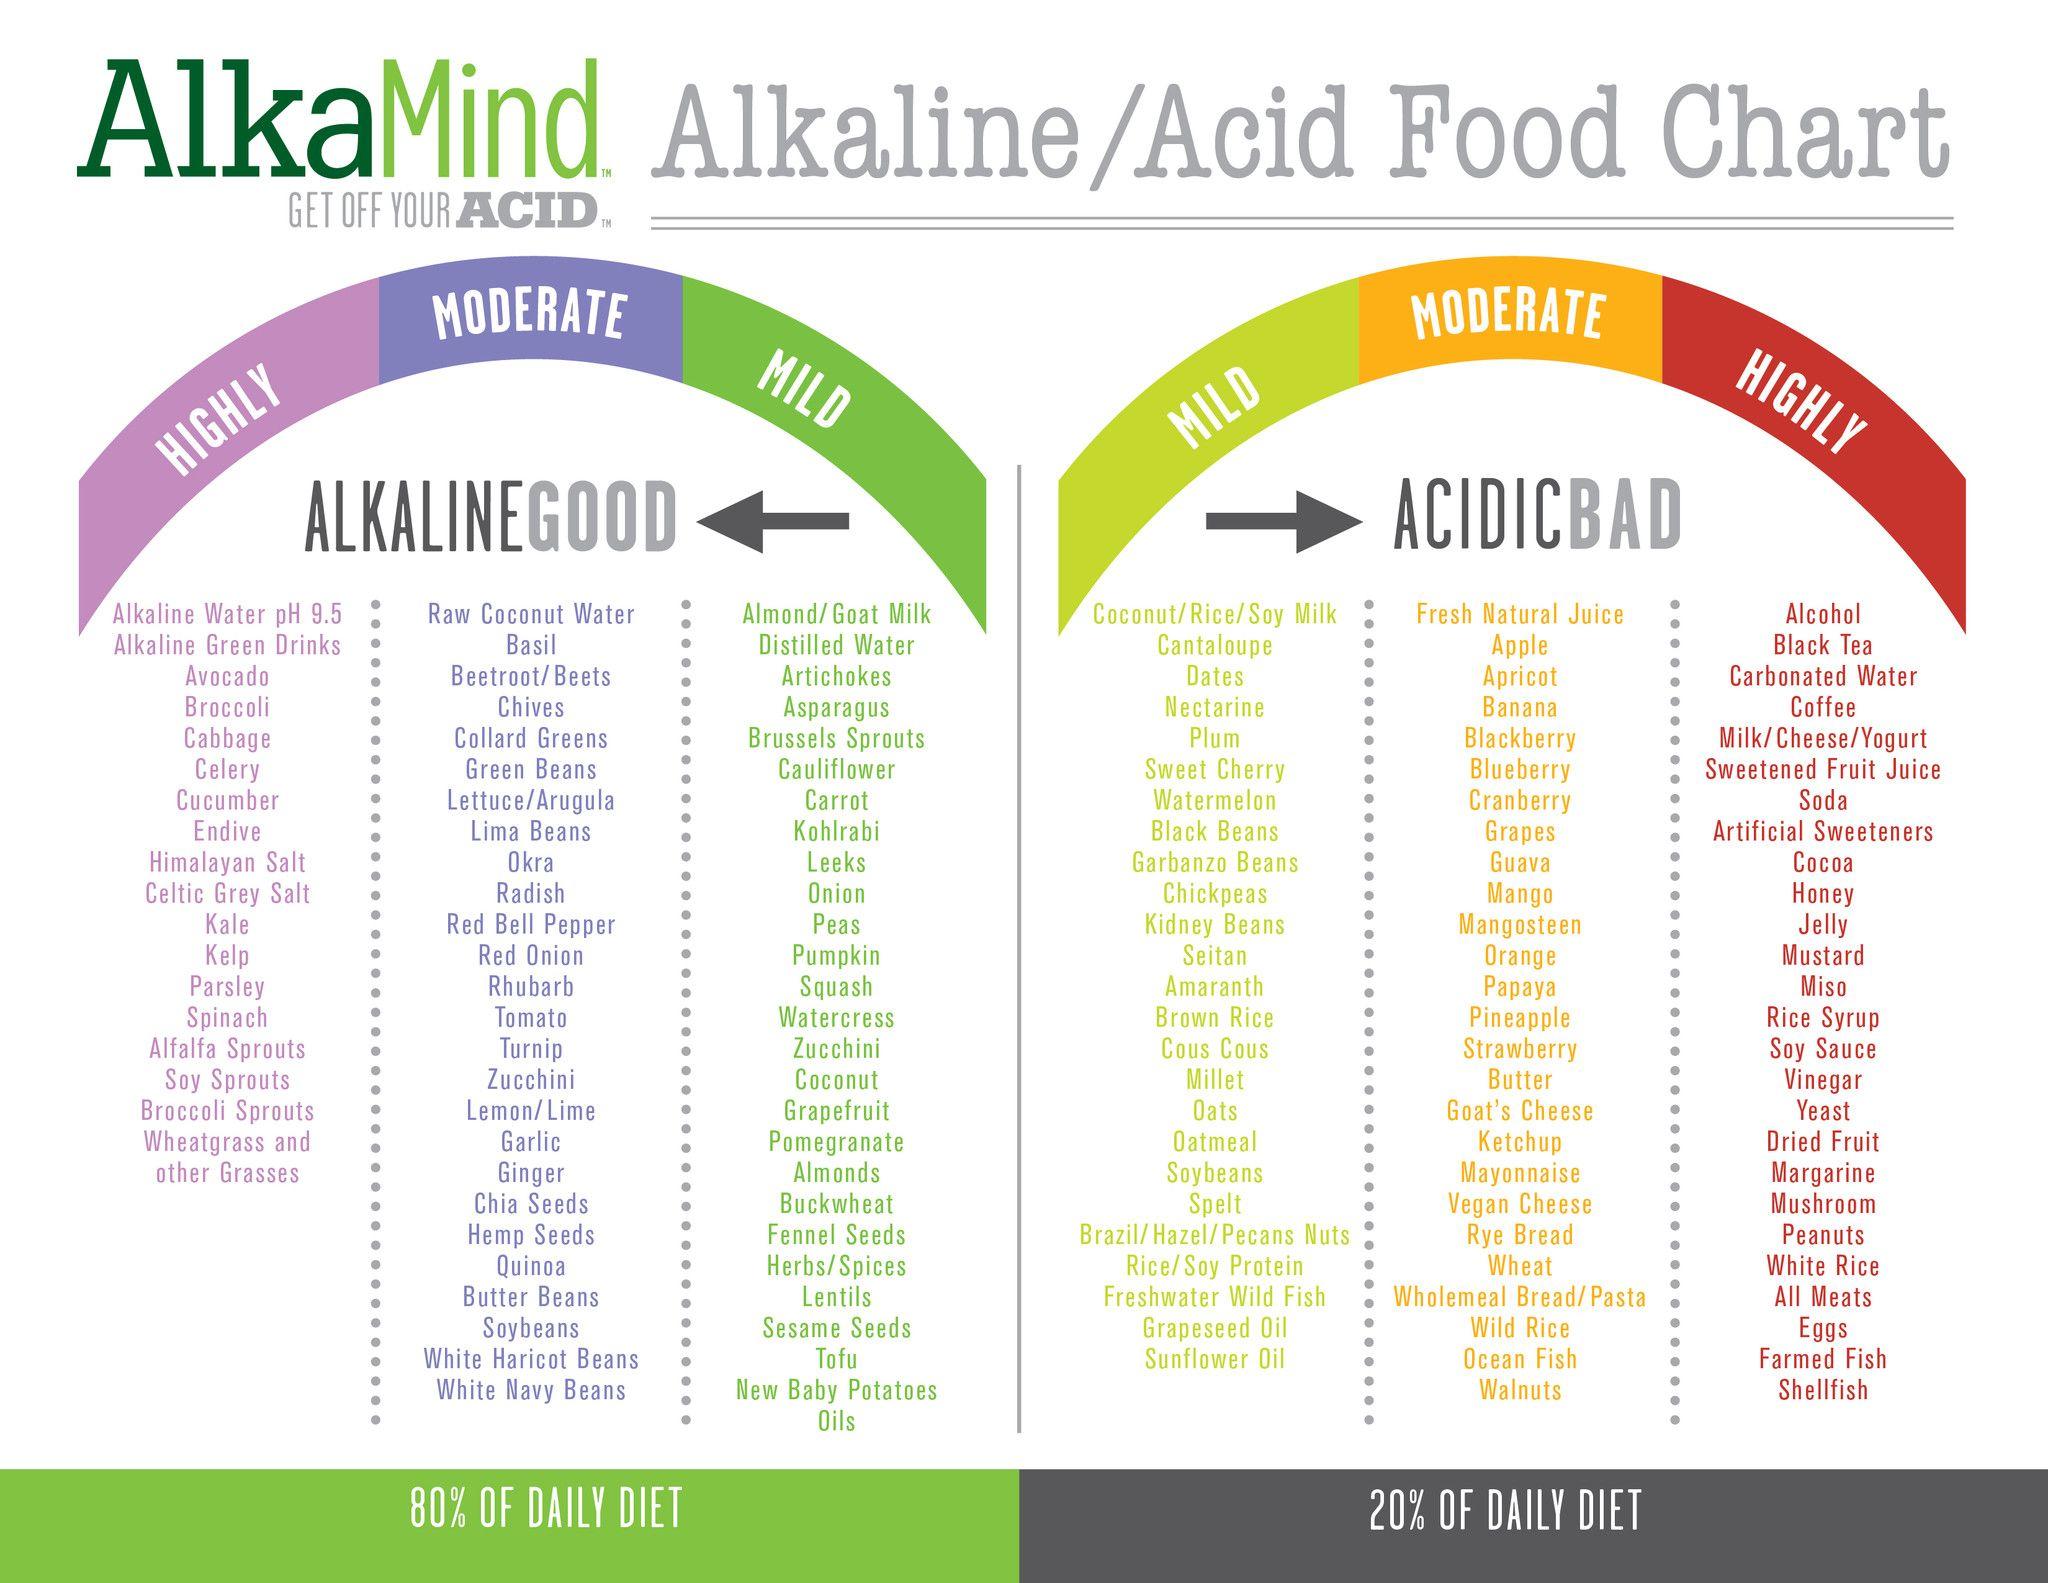 Acidic foods chart hobit fullring co